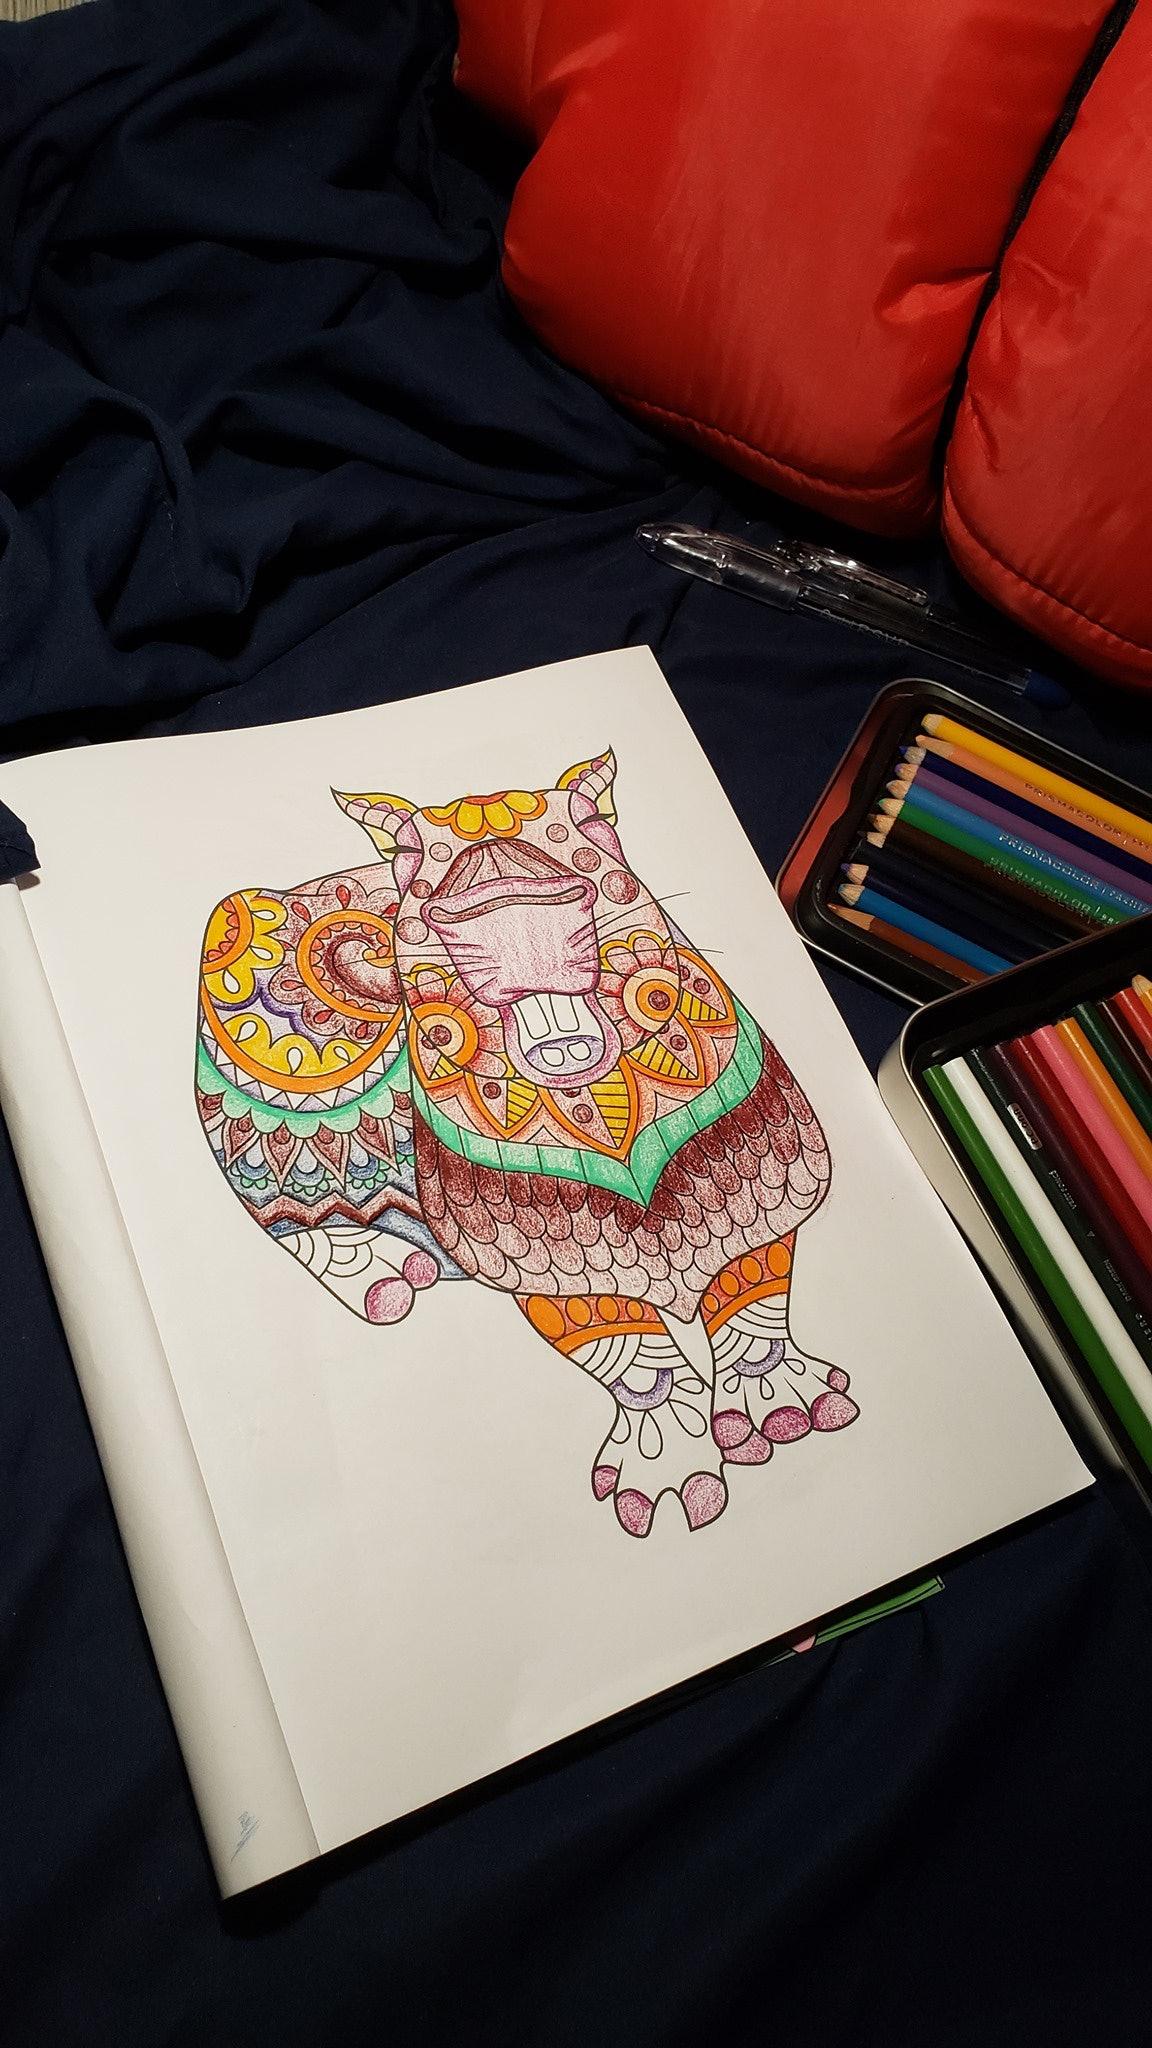 capybara coloring book